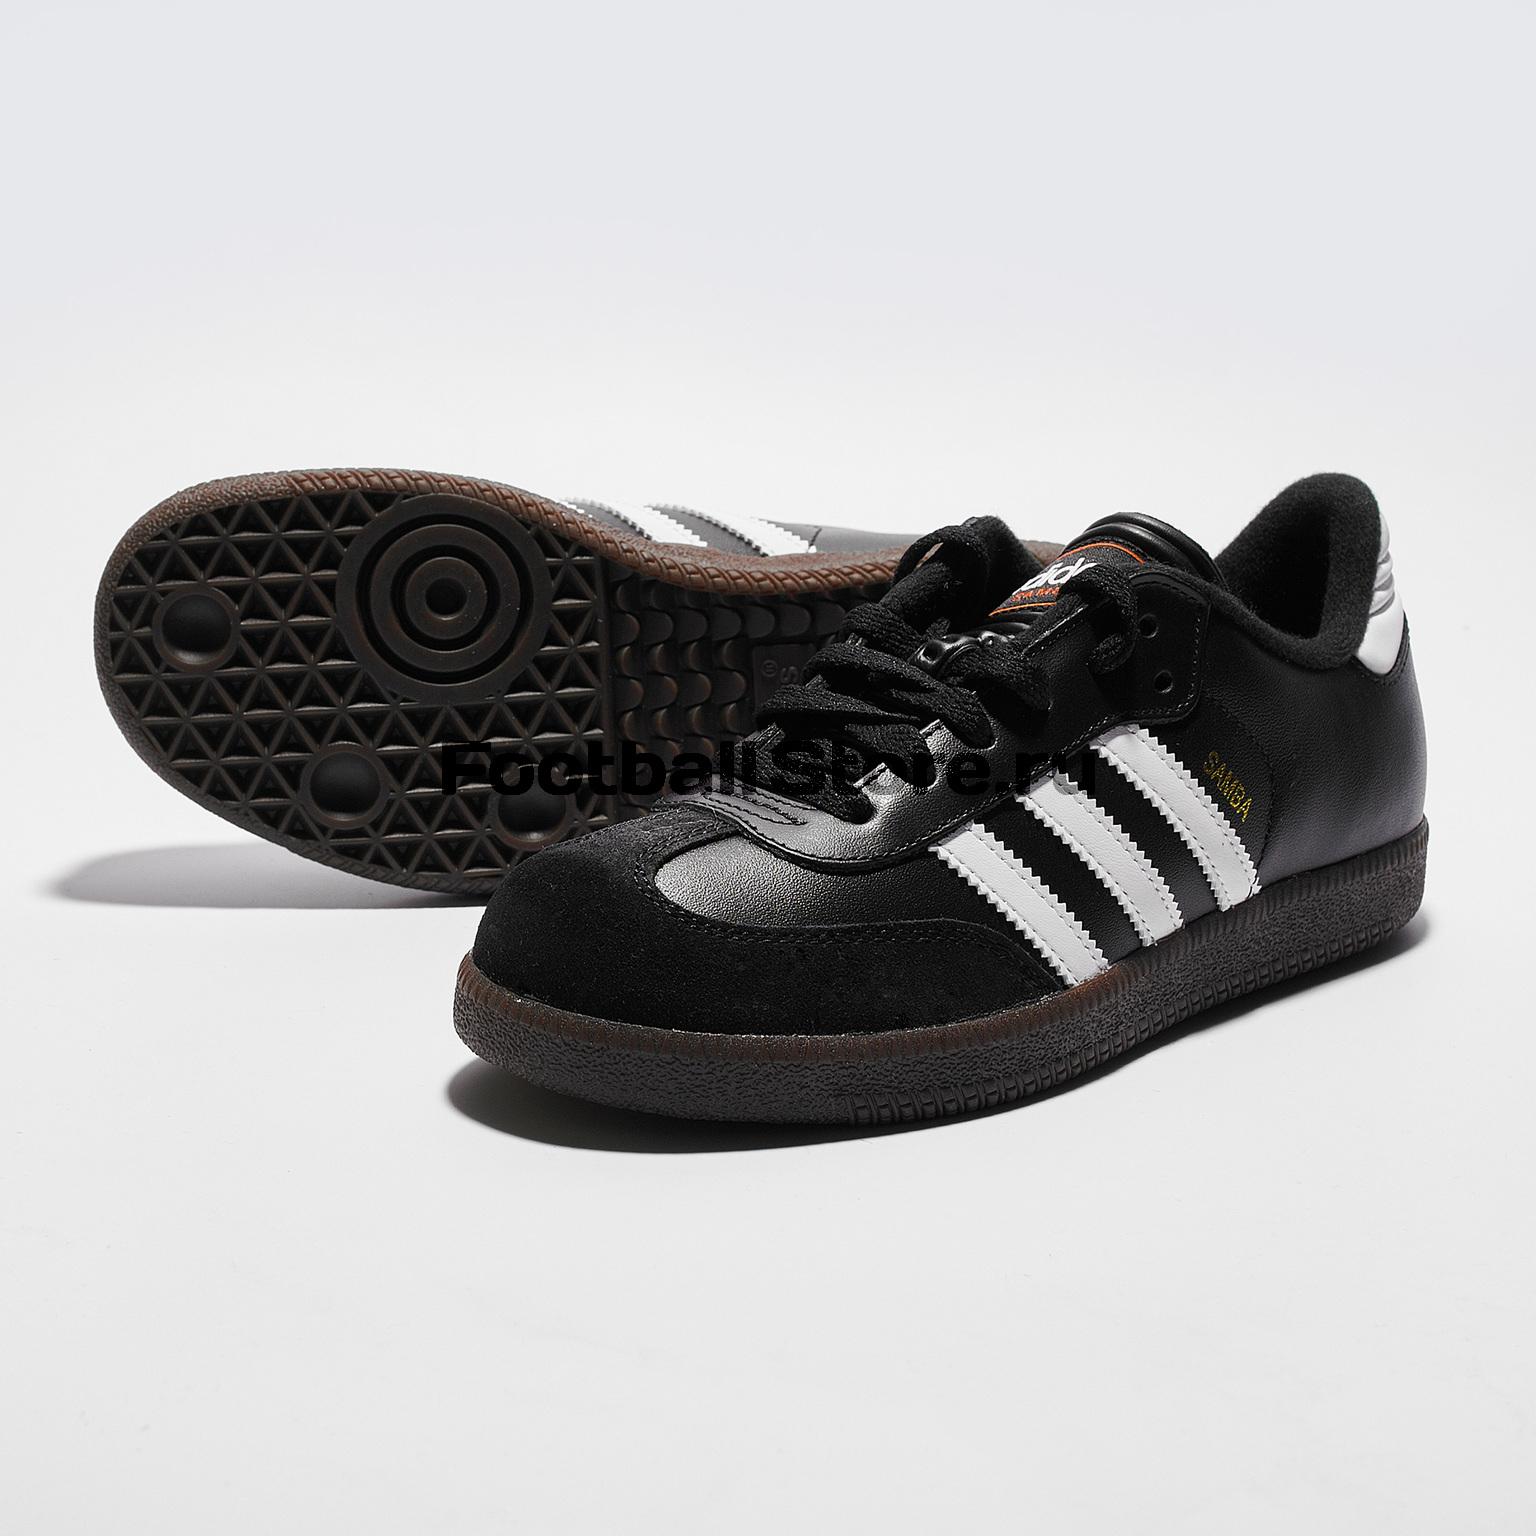 Футзалки детские Adidas Samba Classic JR 036516